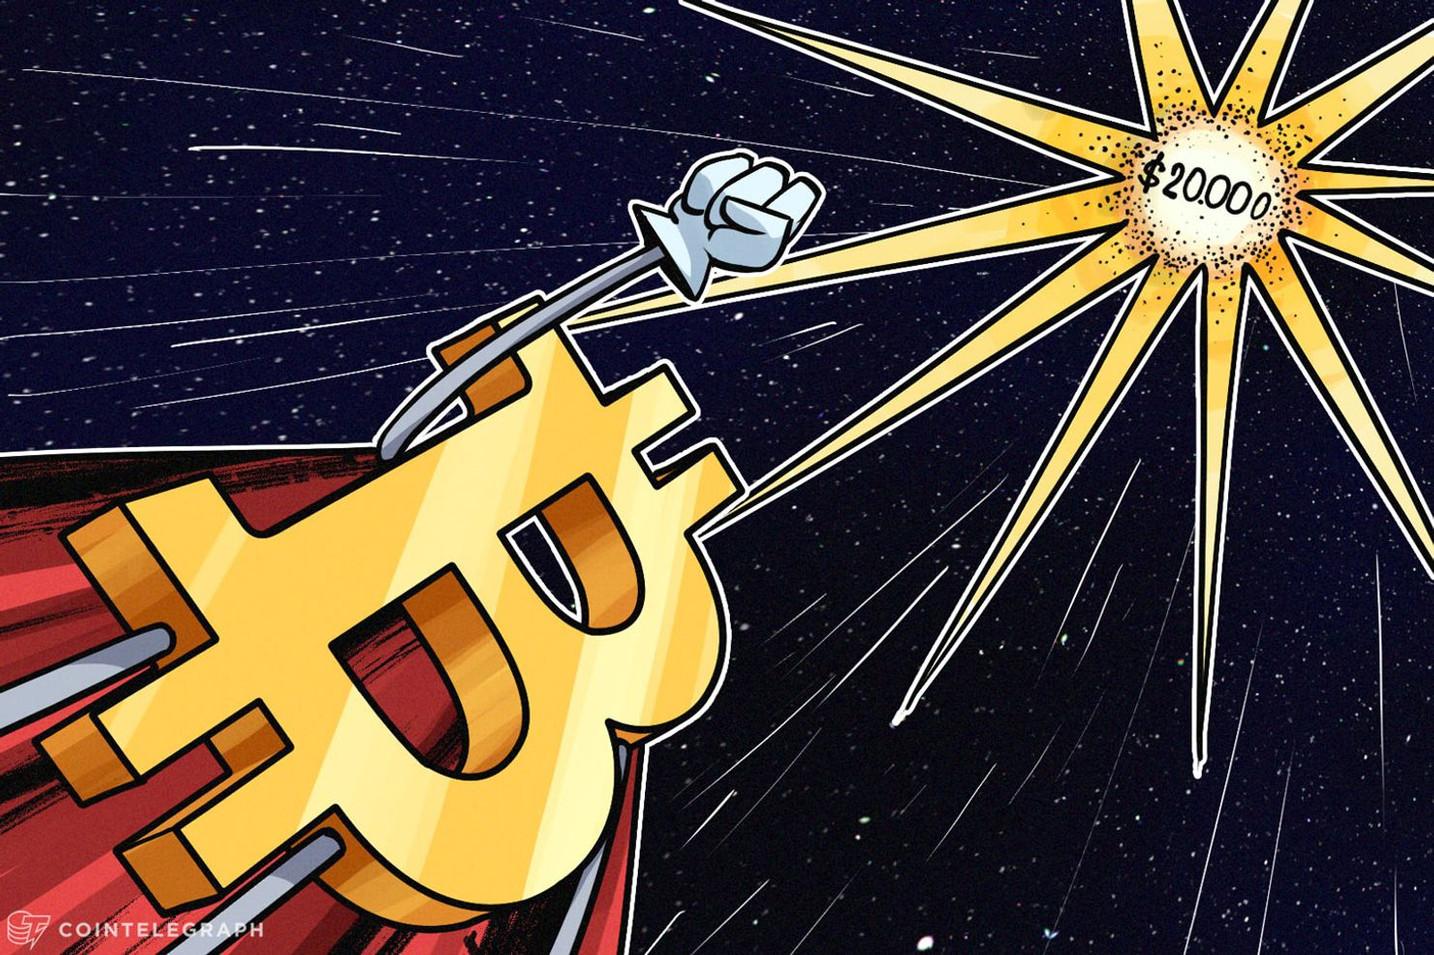 仮想通貨ビットコイン 2021年に2万ドルに到達か?カナダの投資会社がチャートを解説